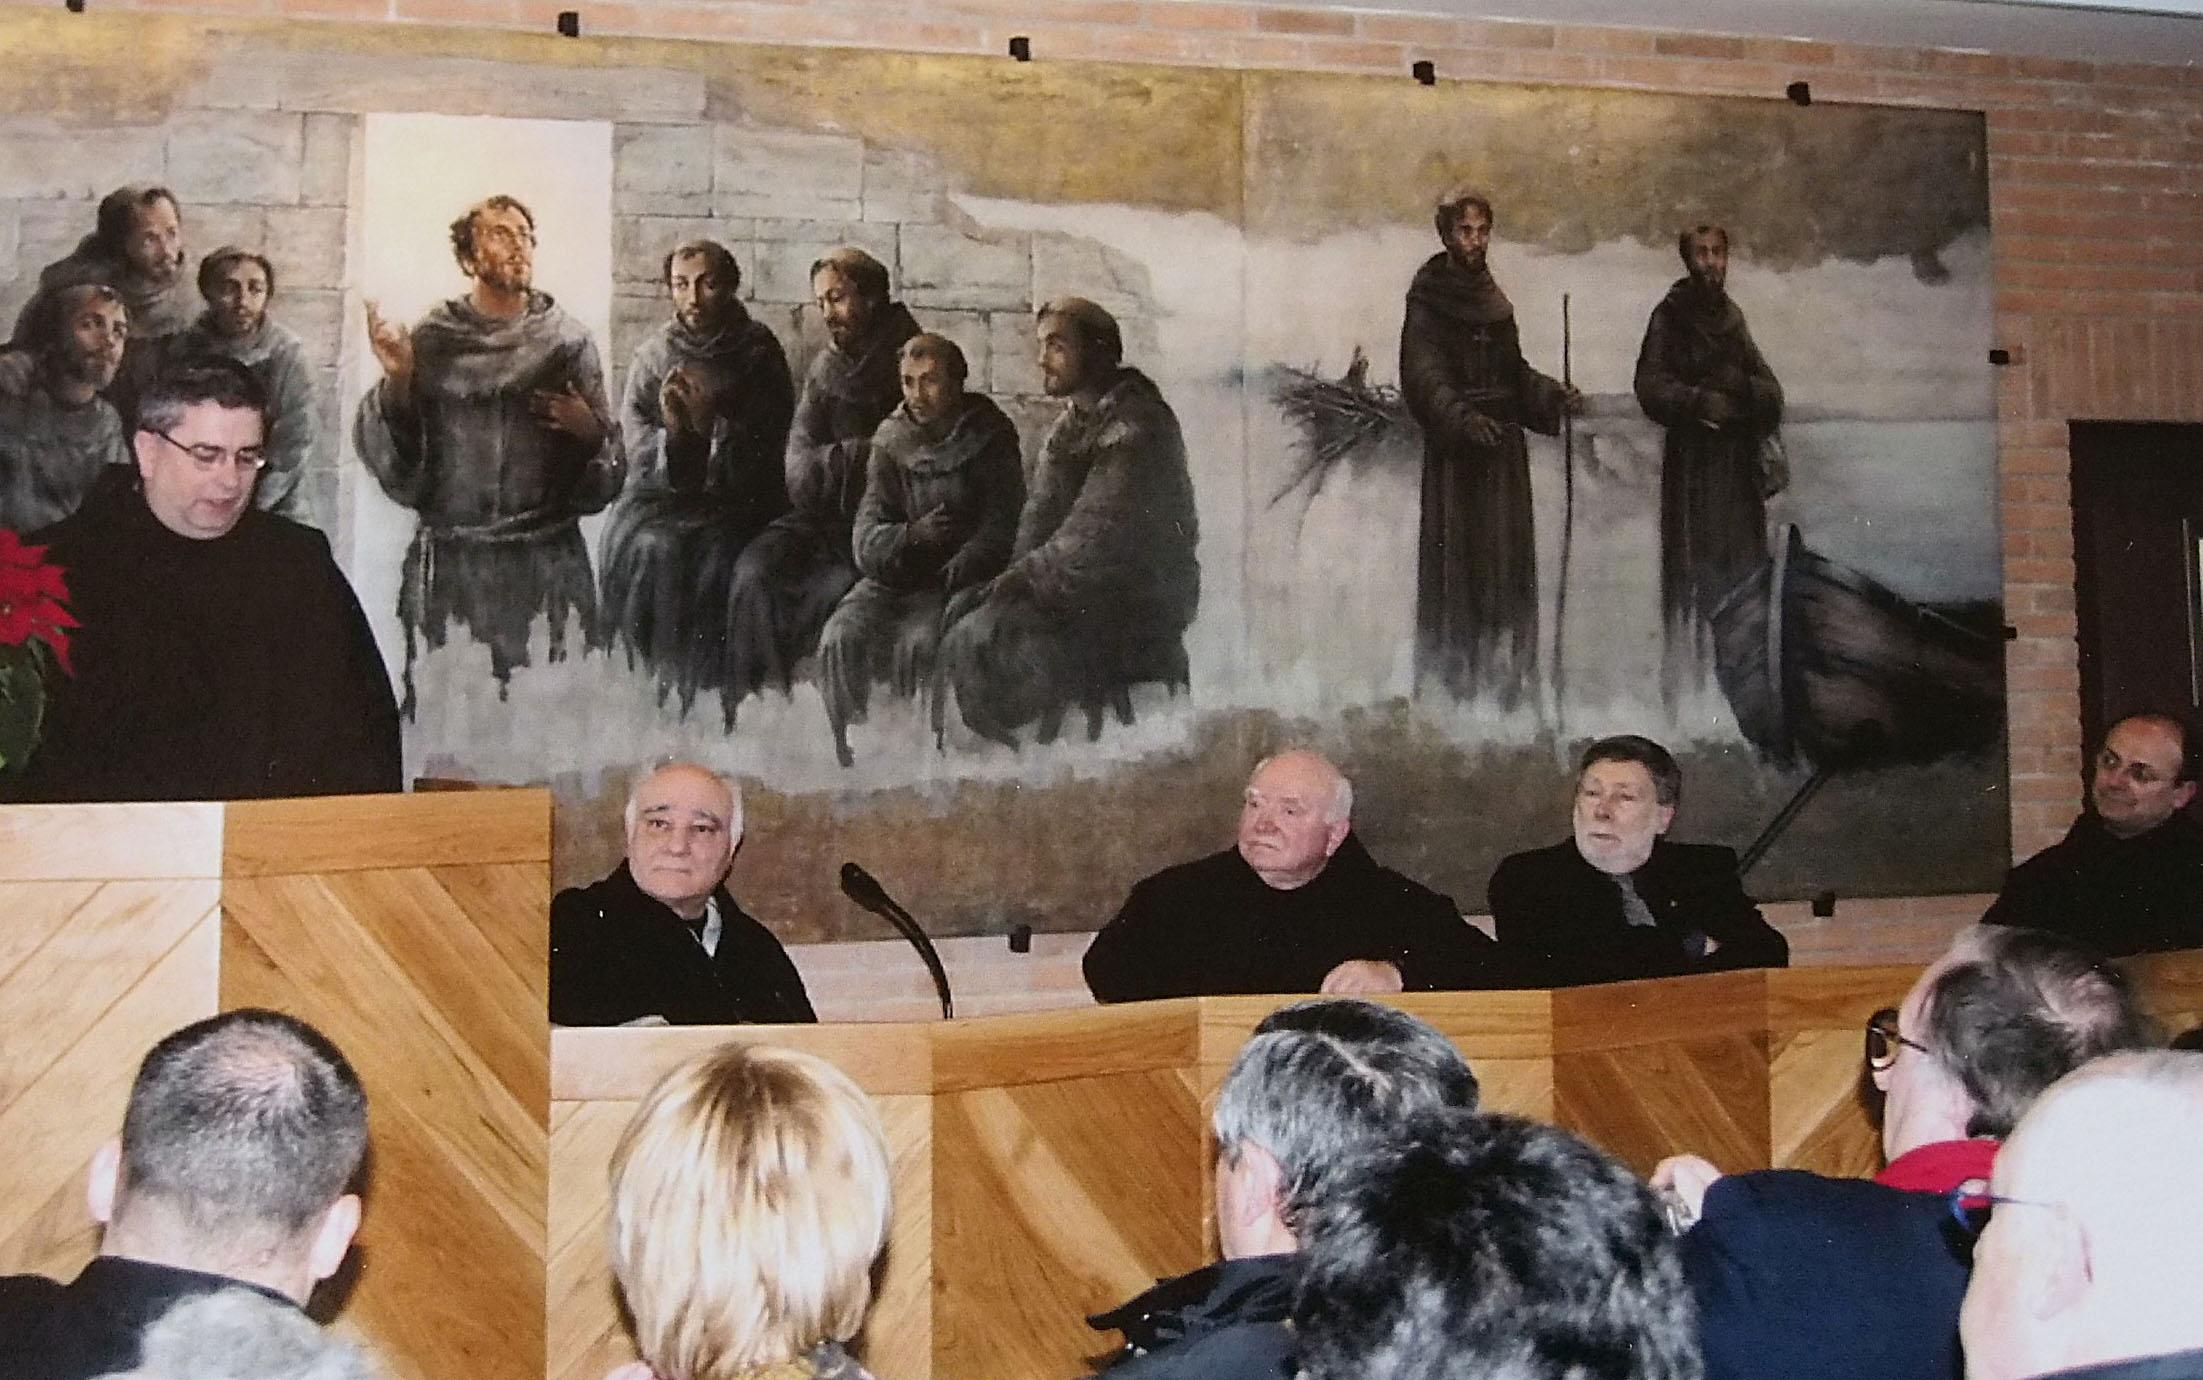 IL CONSOLE DI ANCONA IN UNA FOTO DEL 2005 CON MONS. PADRE JOSE' RODRIGUEZ CARBALLO PRIMA NOMINA CURIALE DI PAPA FRANCESCO.